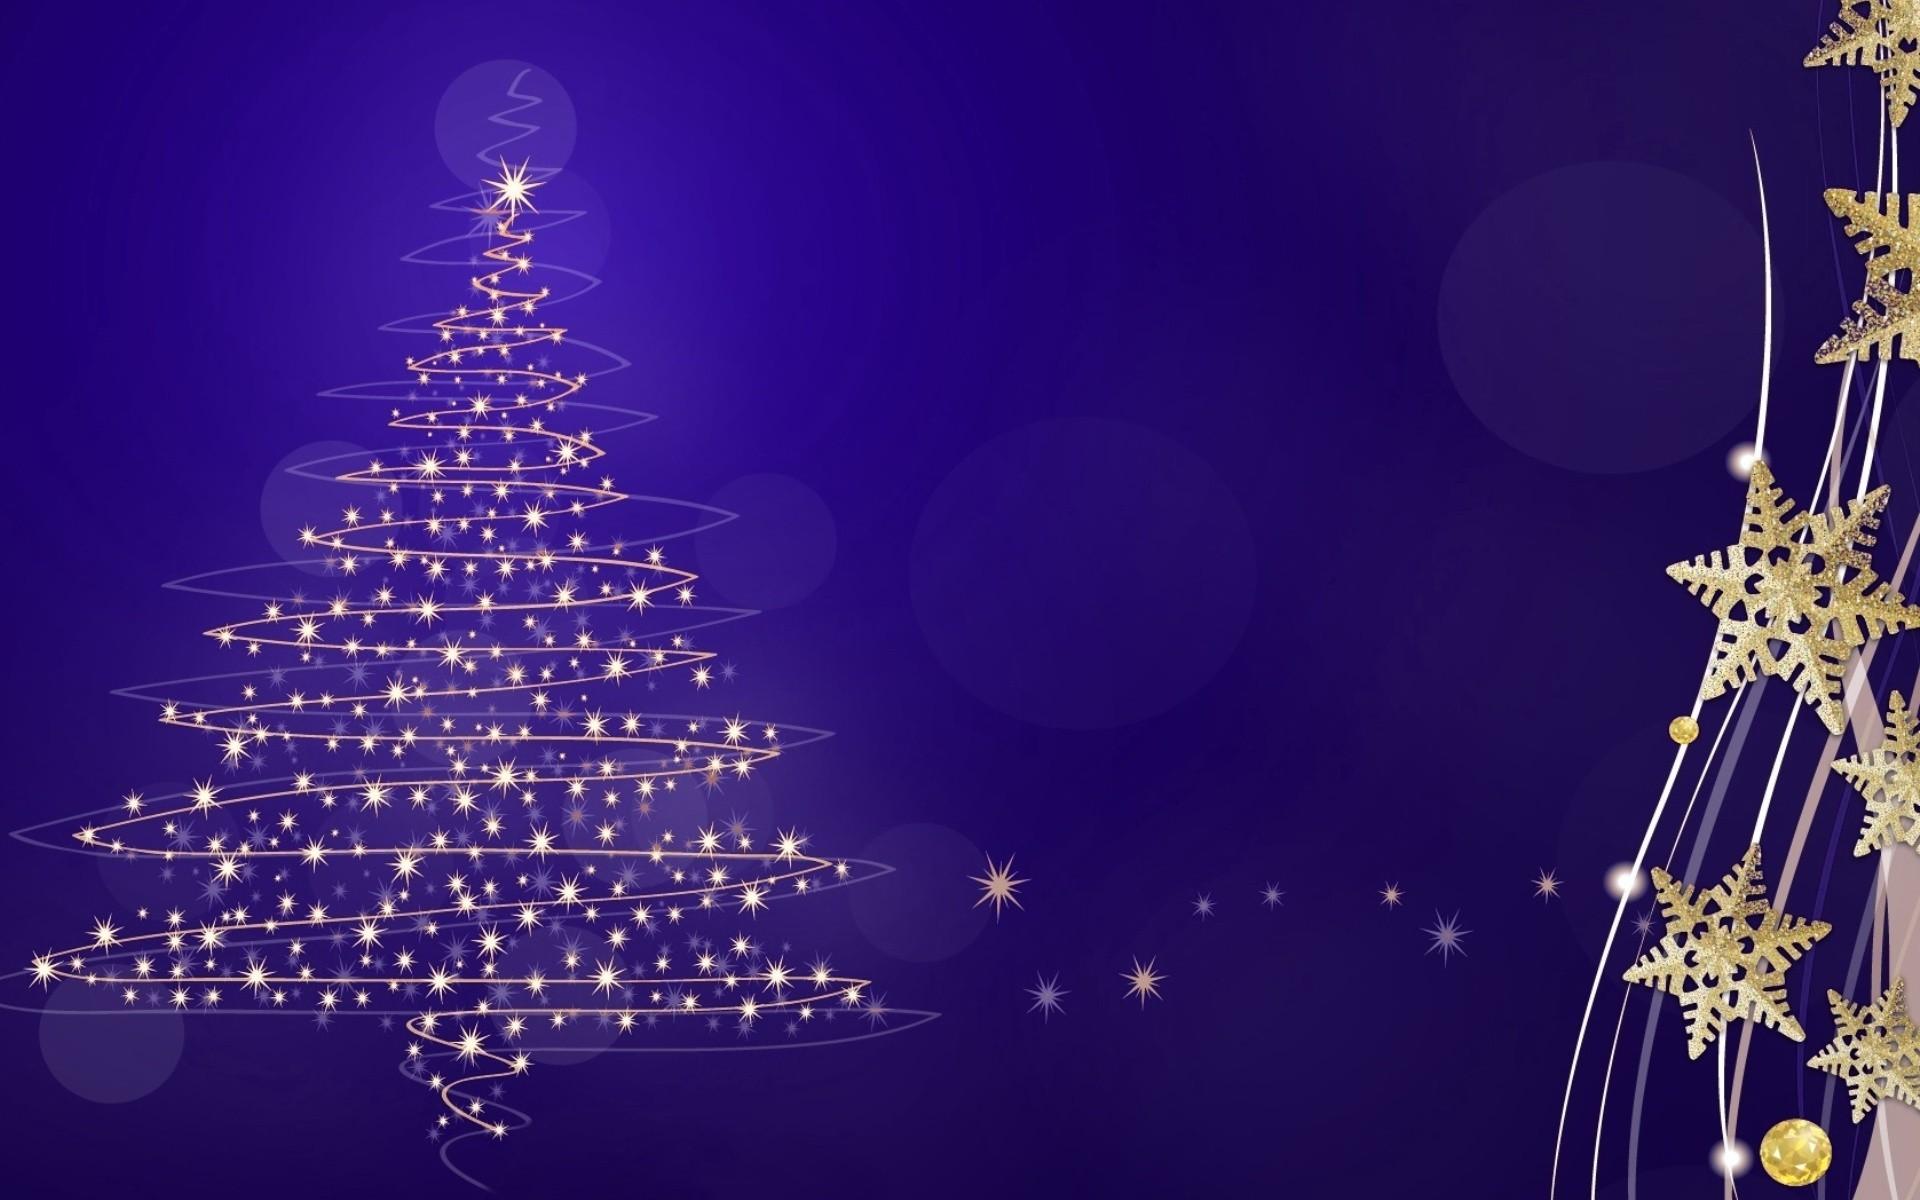 Стильная открытка с новым годом и рождеством, открытка